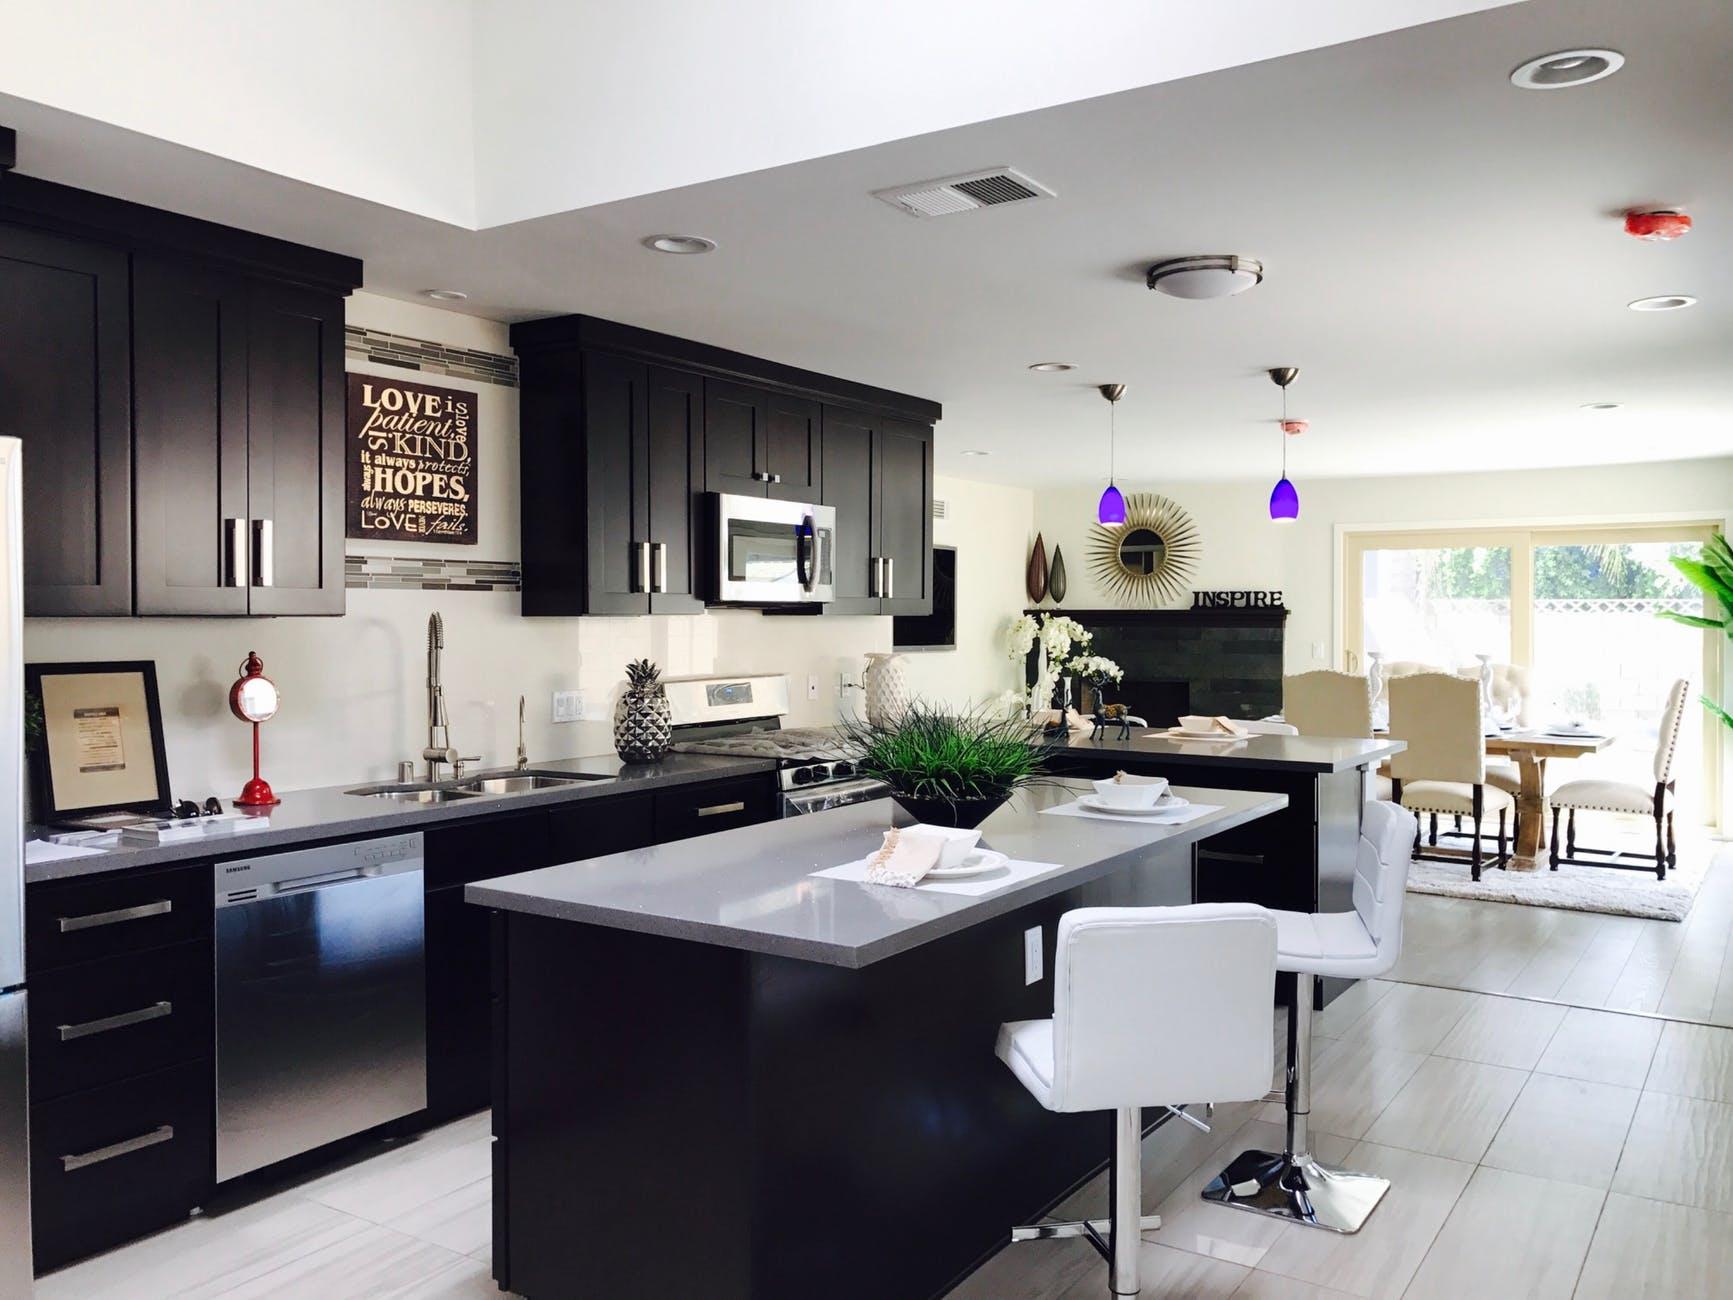 Stellar Kitchen & Cabinets 9